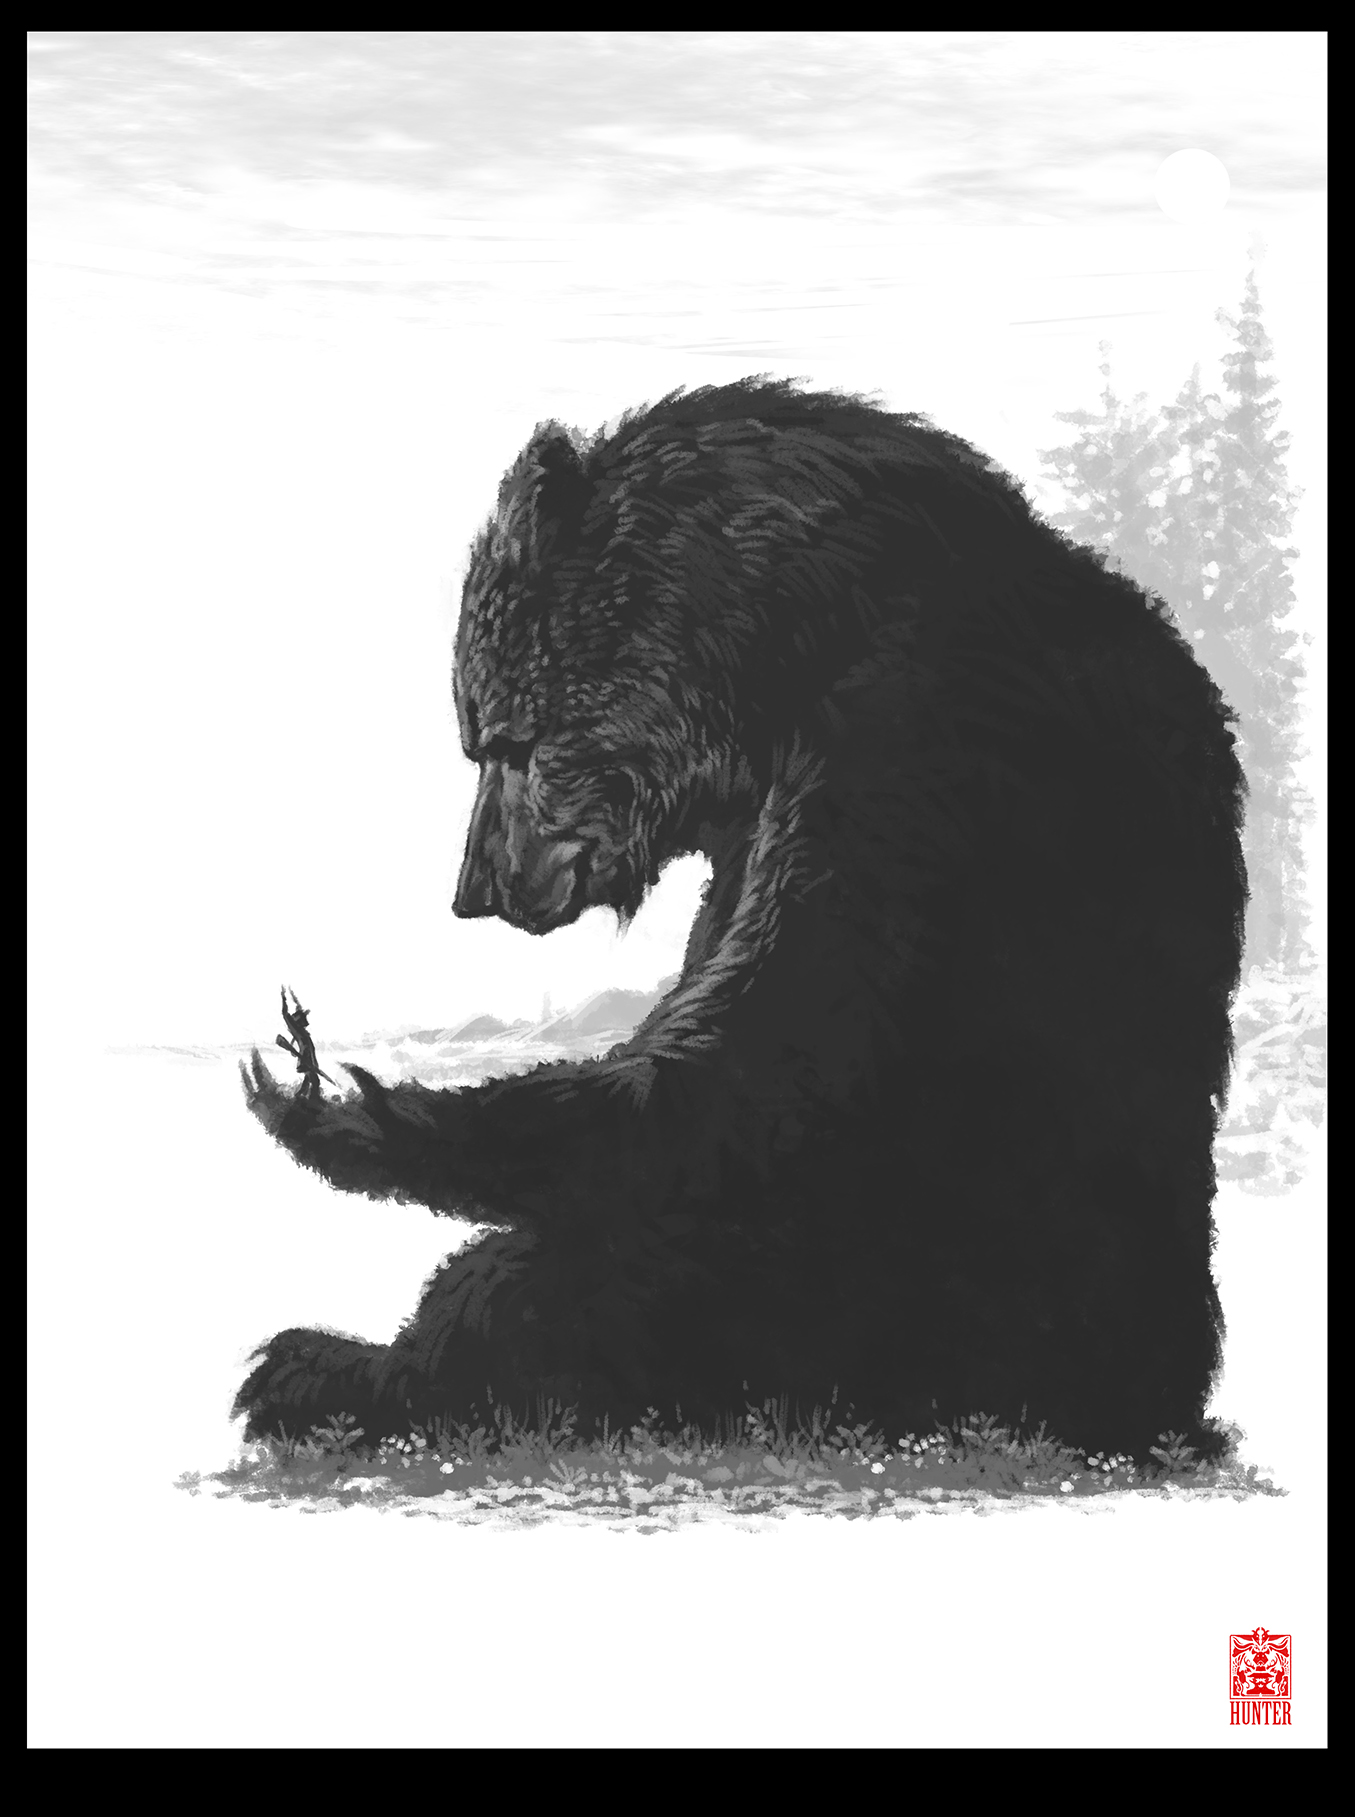 medve_v001